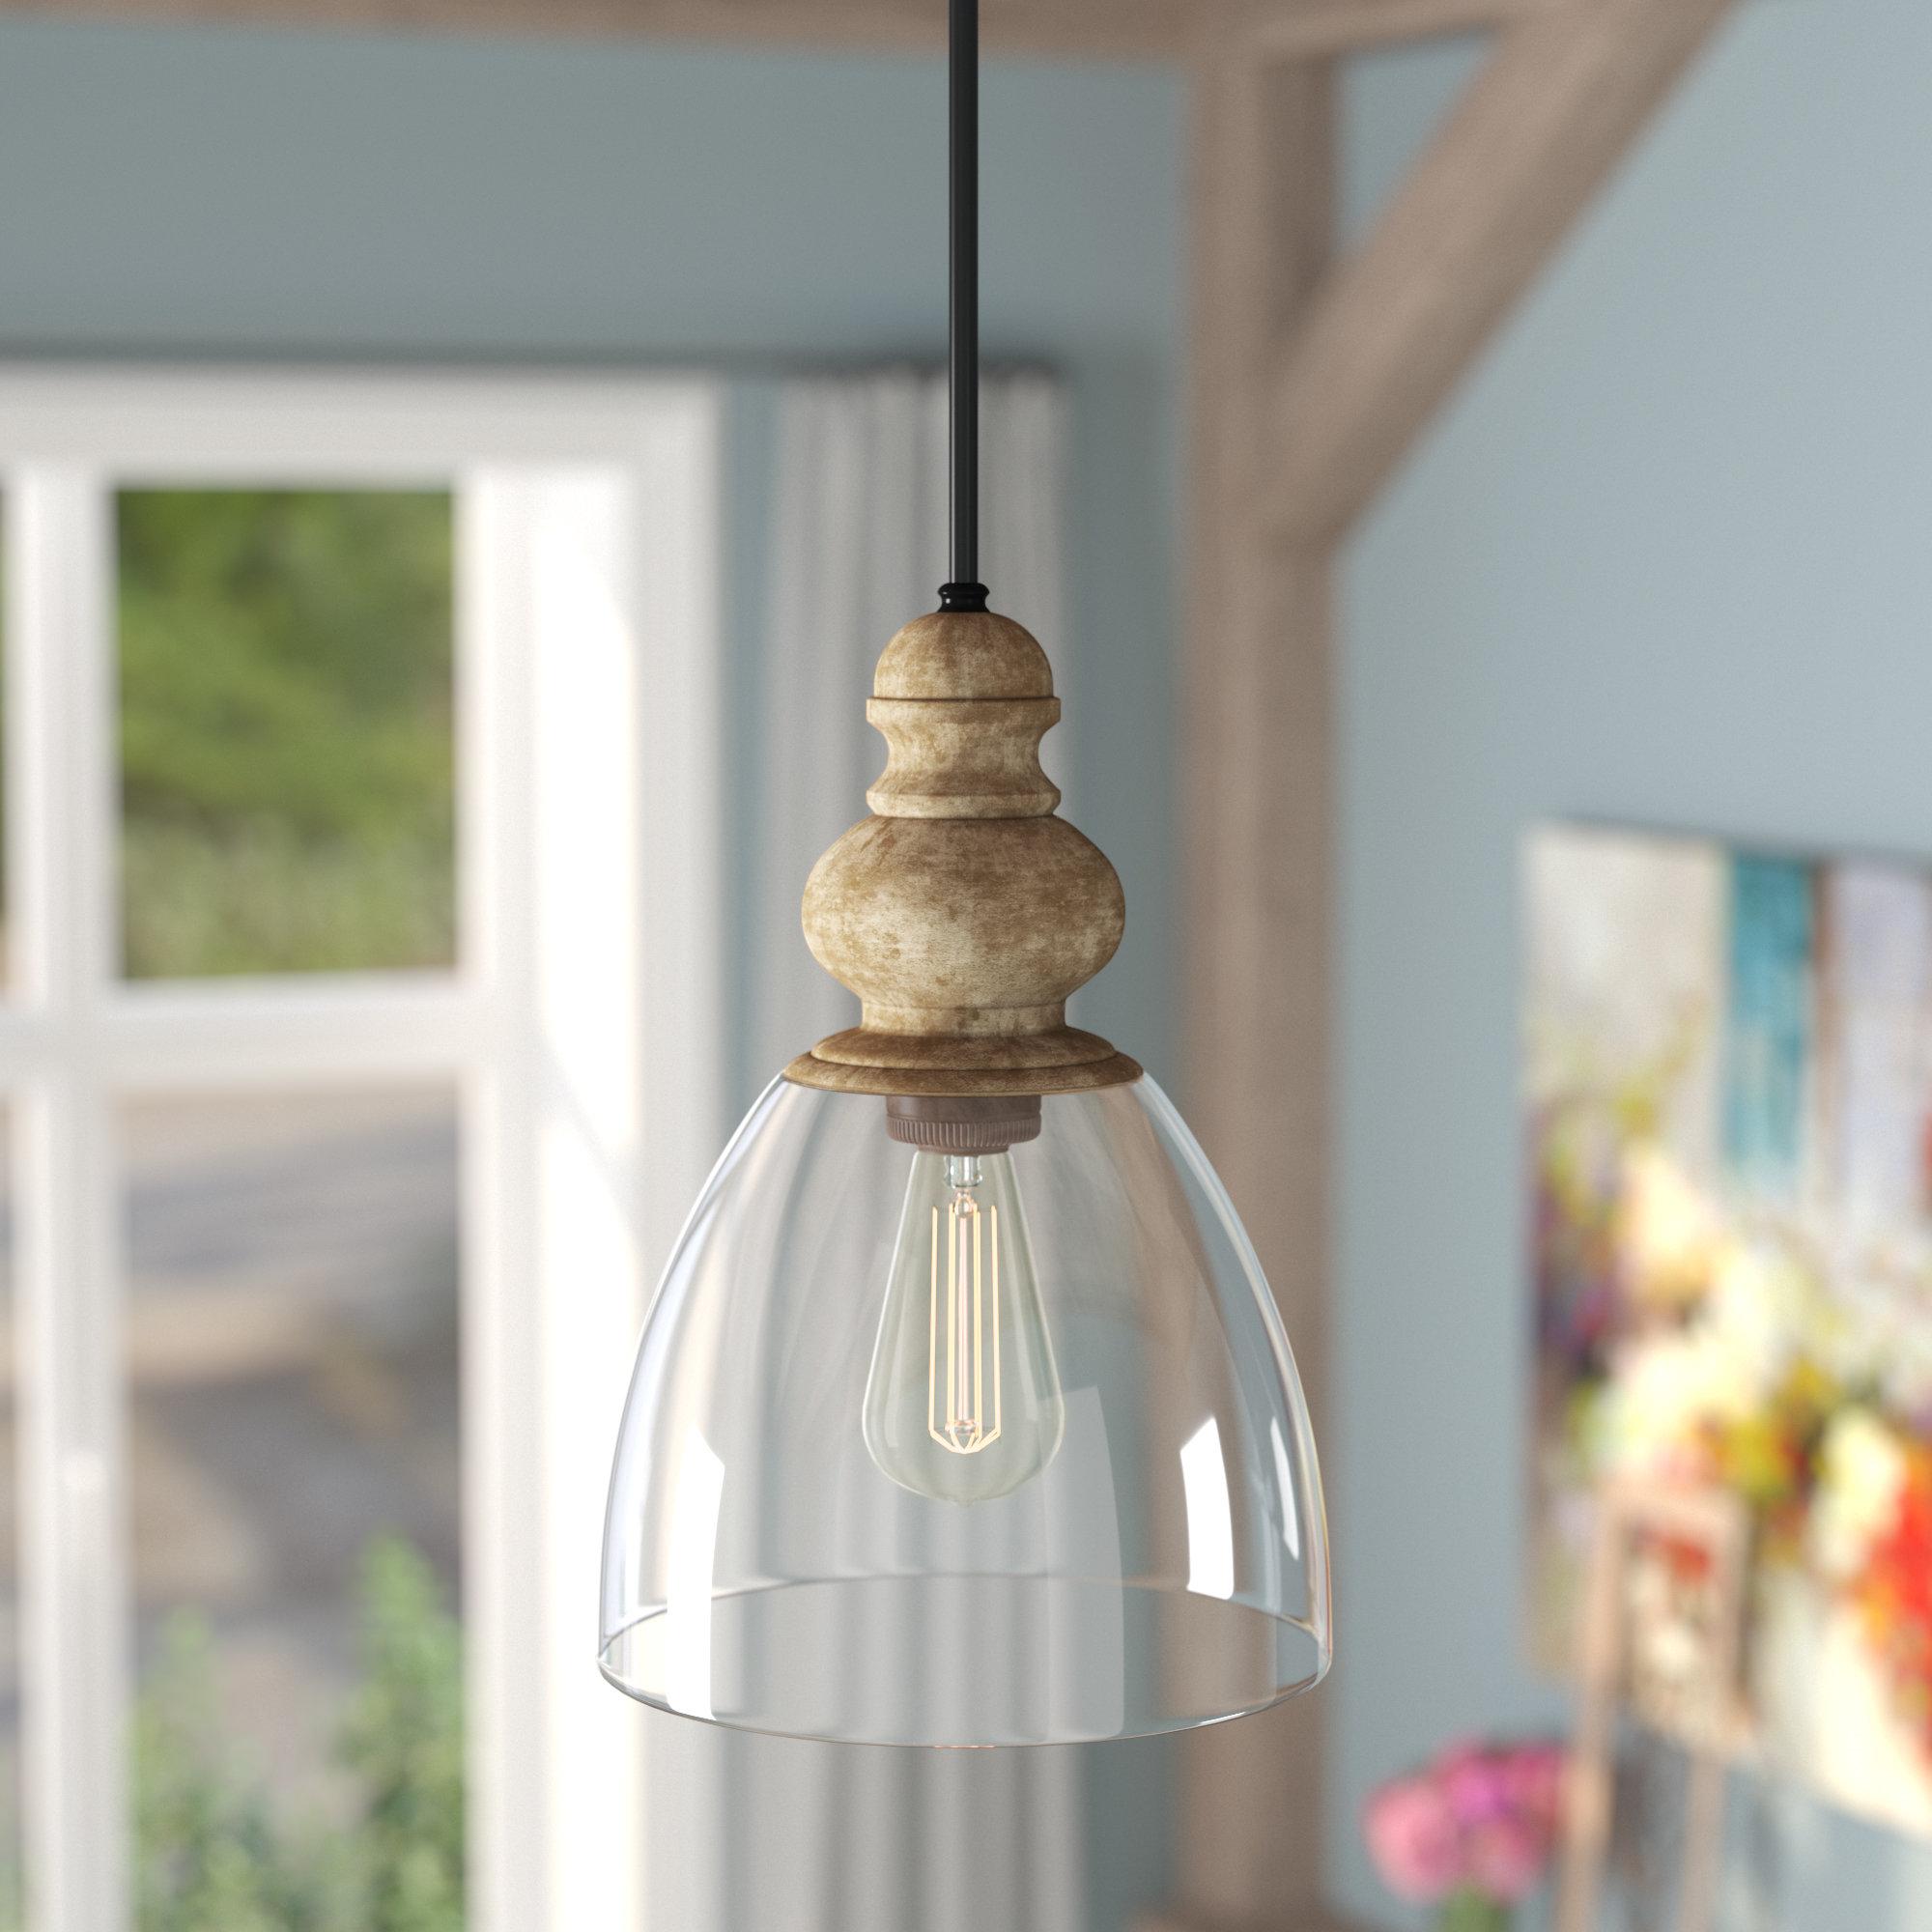 Laurel Foundry Modern Farmhouse Lemelle 1-Light Single Bell throughout Akakios 1-Light Single Bell Pendants (Image 17 of 30)